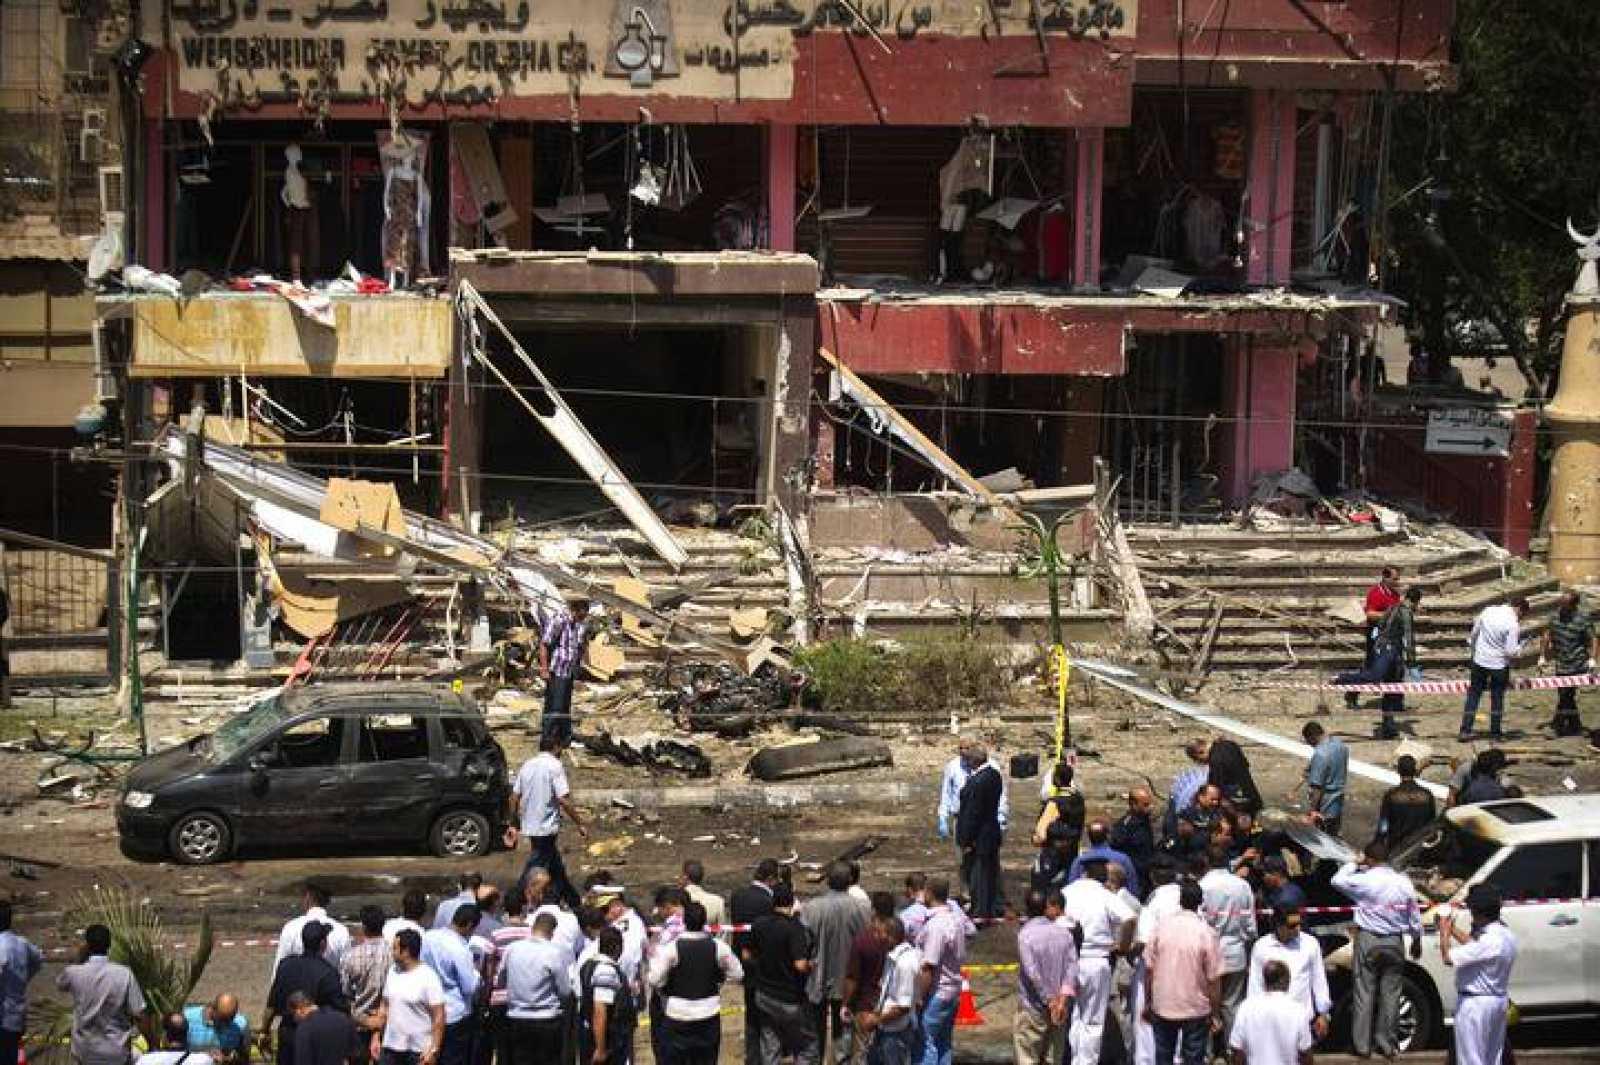 Lugar de la explosión de la bomba contra el ministro de Interior egipcio, Mohamed Ibrahim